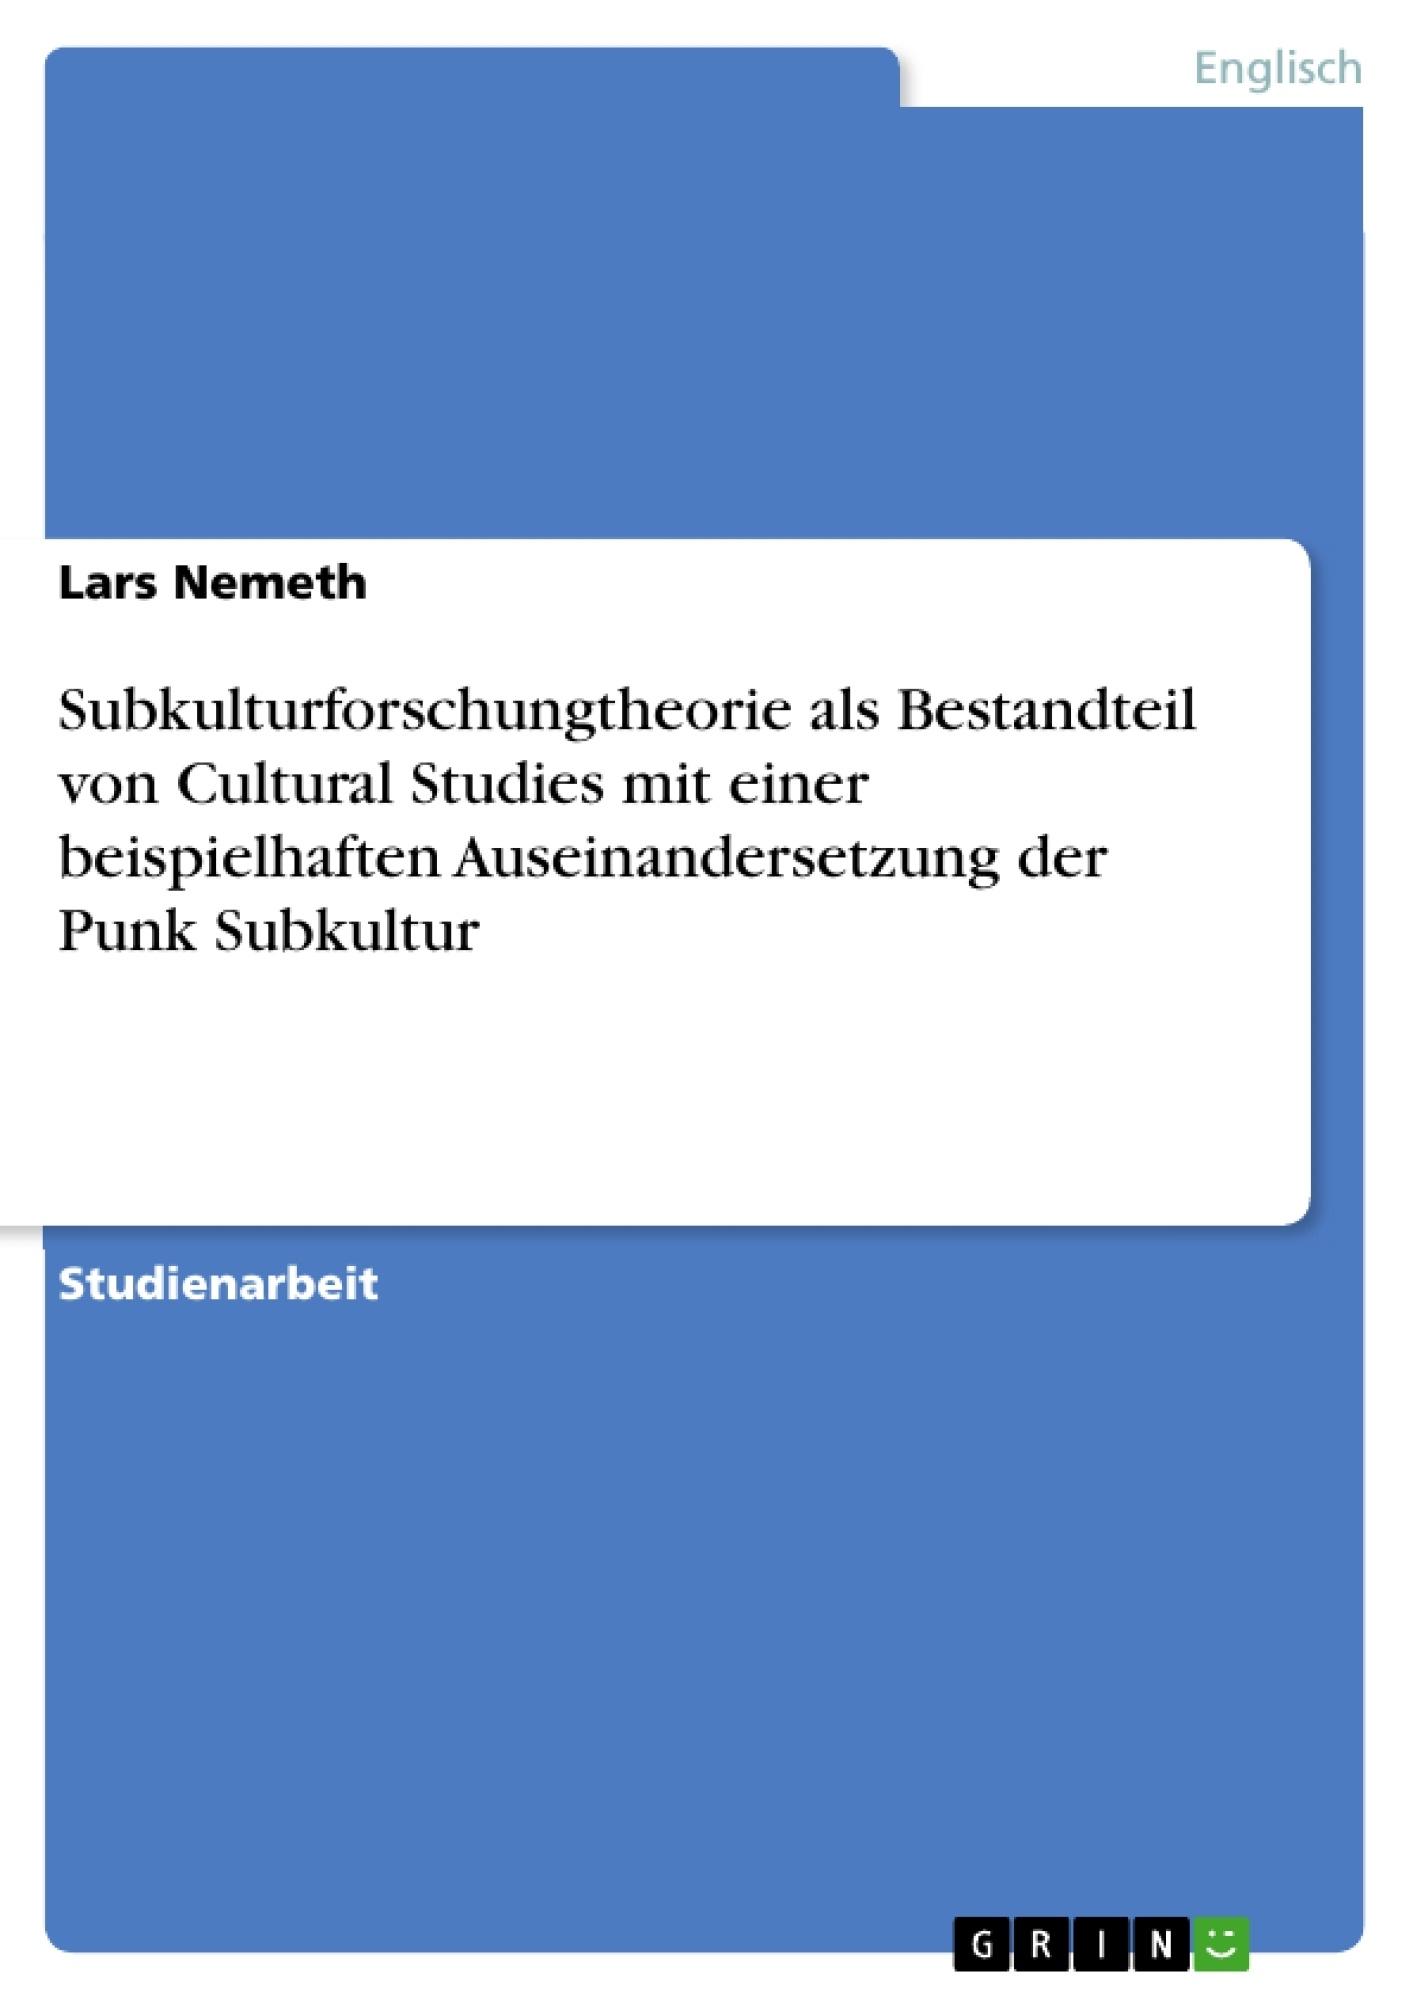 Titel: Subkulturforschungtheorie als Bestandteil von Cultural Studies mit einer beispielhaften Auseinandersetzung der Punk Subkultur